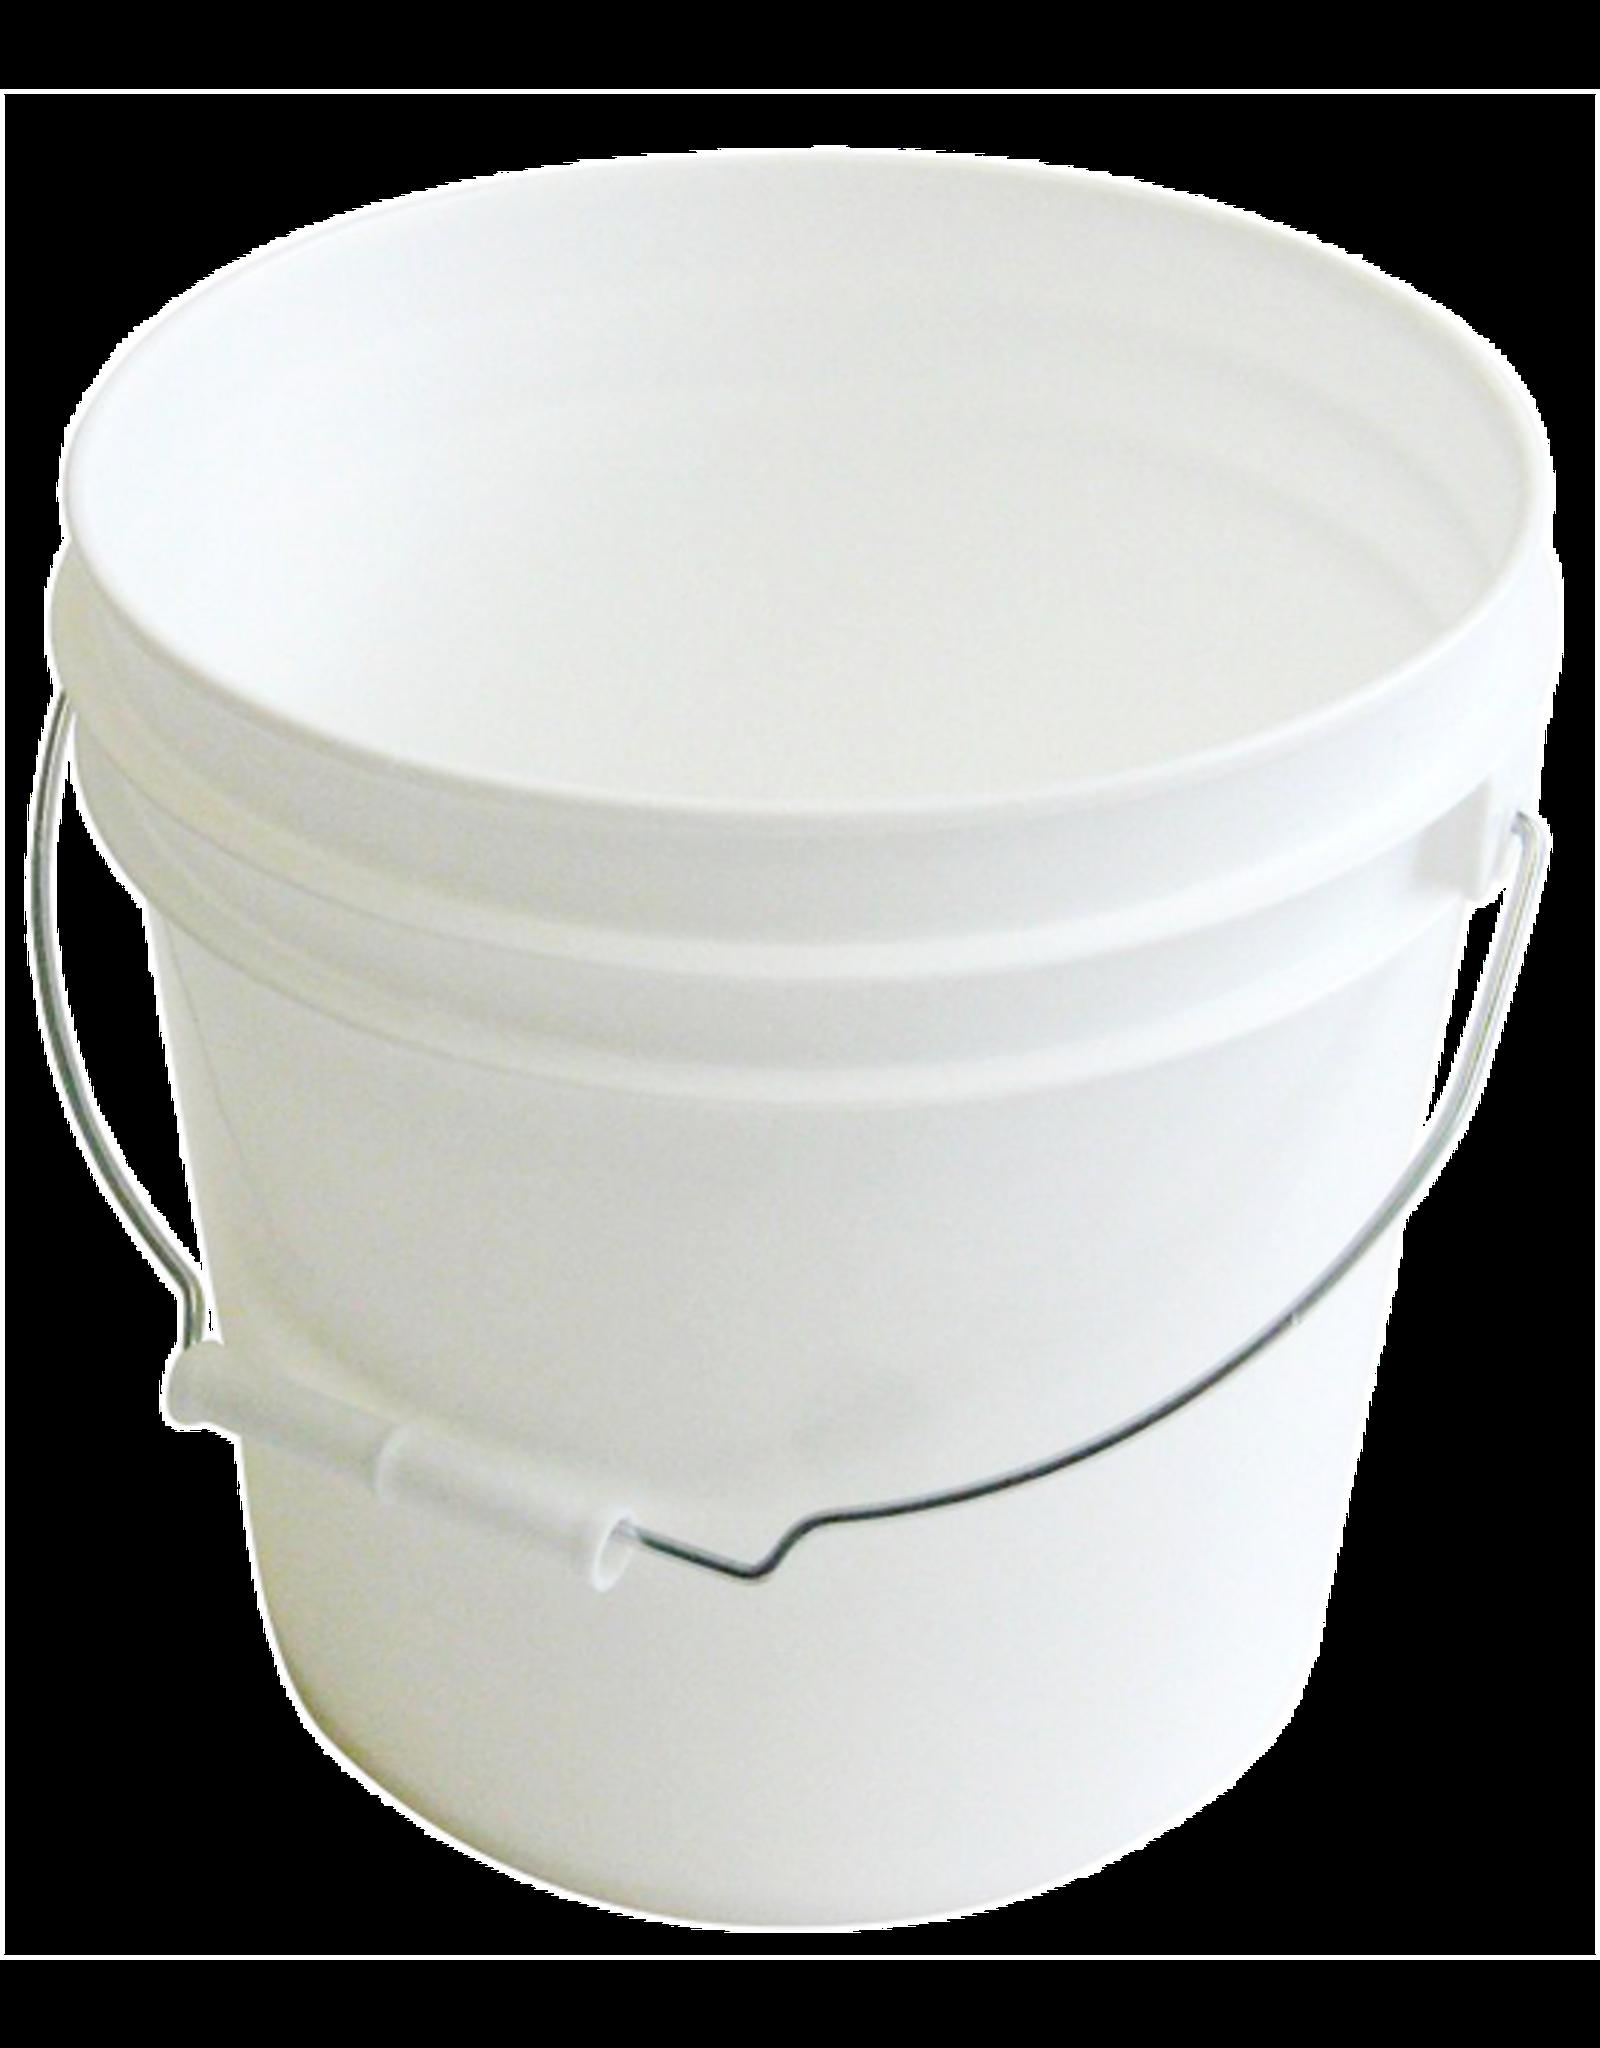 Fermenting Bucket - 2 Gal